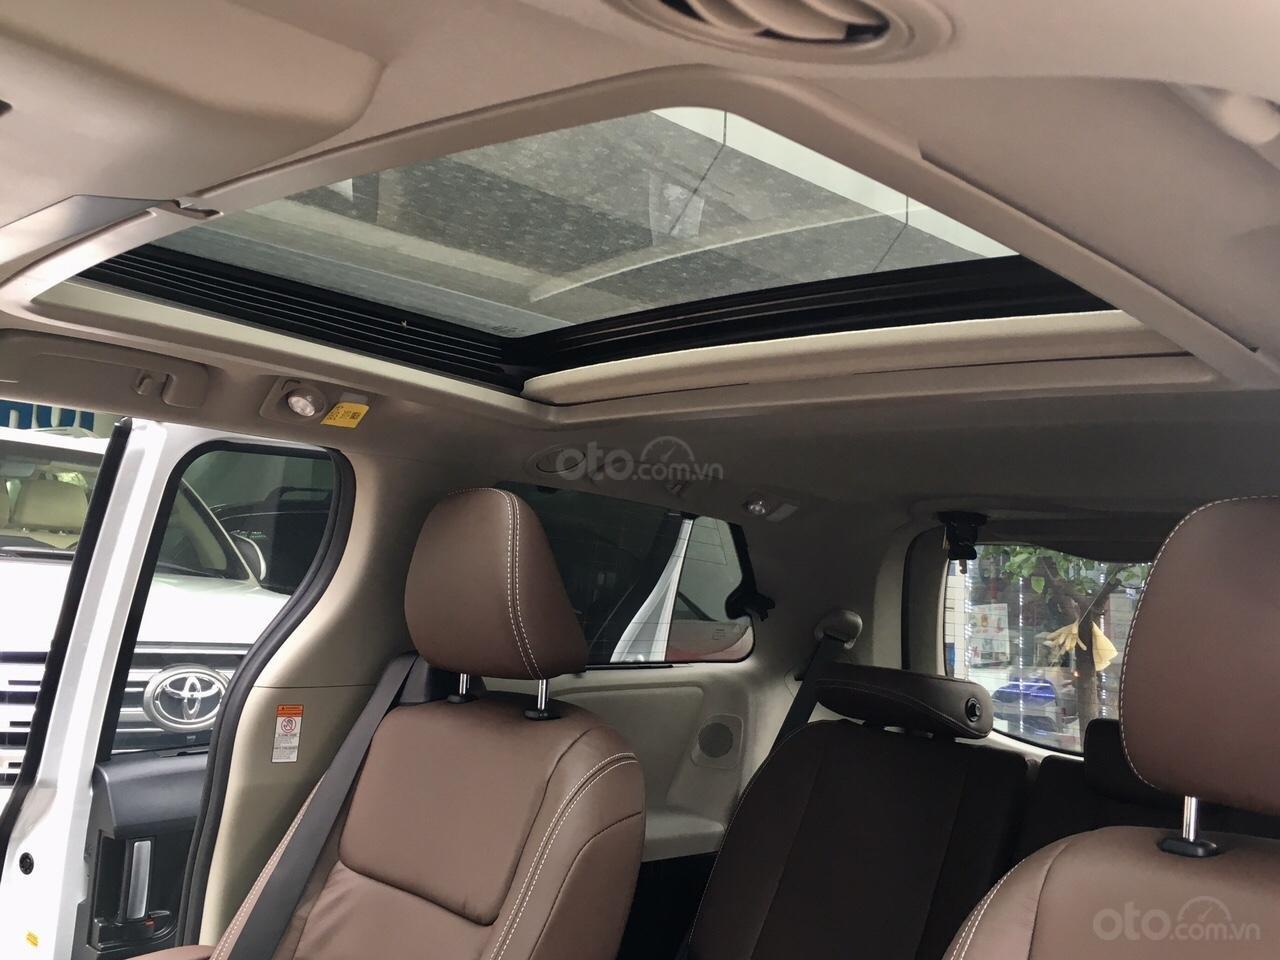 Bán Toyota Sienna Limited sản xuất 2019, mới 100%, đủ màu giao ngay, giá rẻ nhất -7